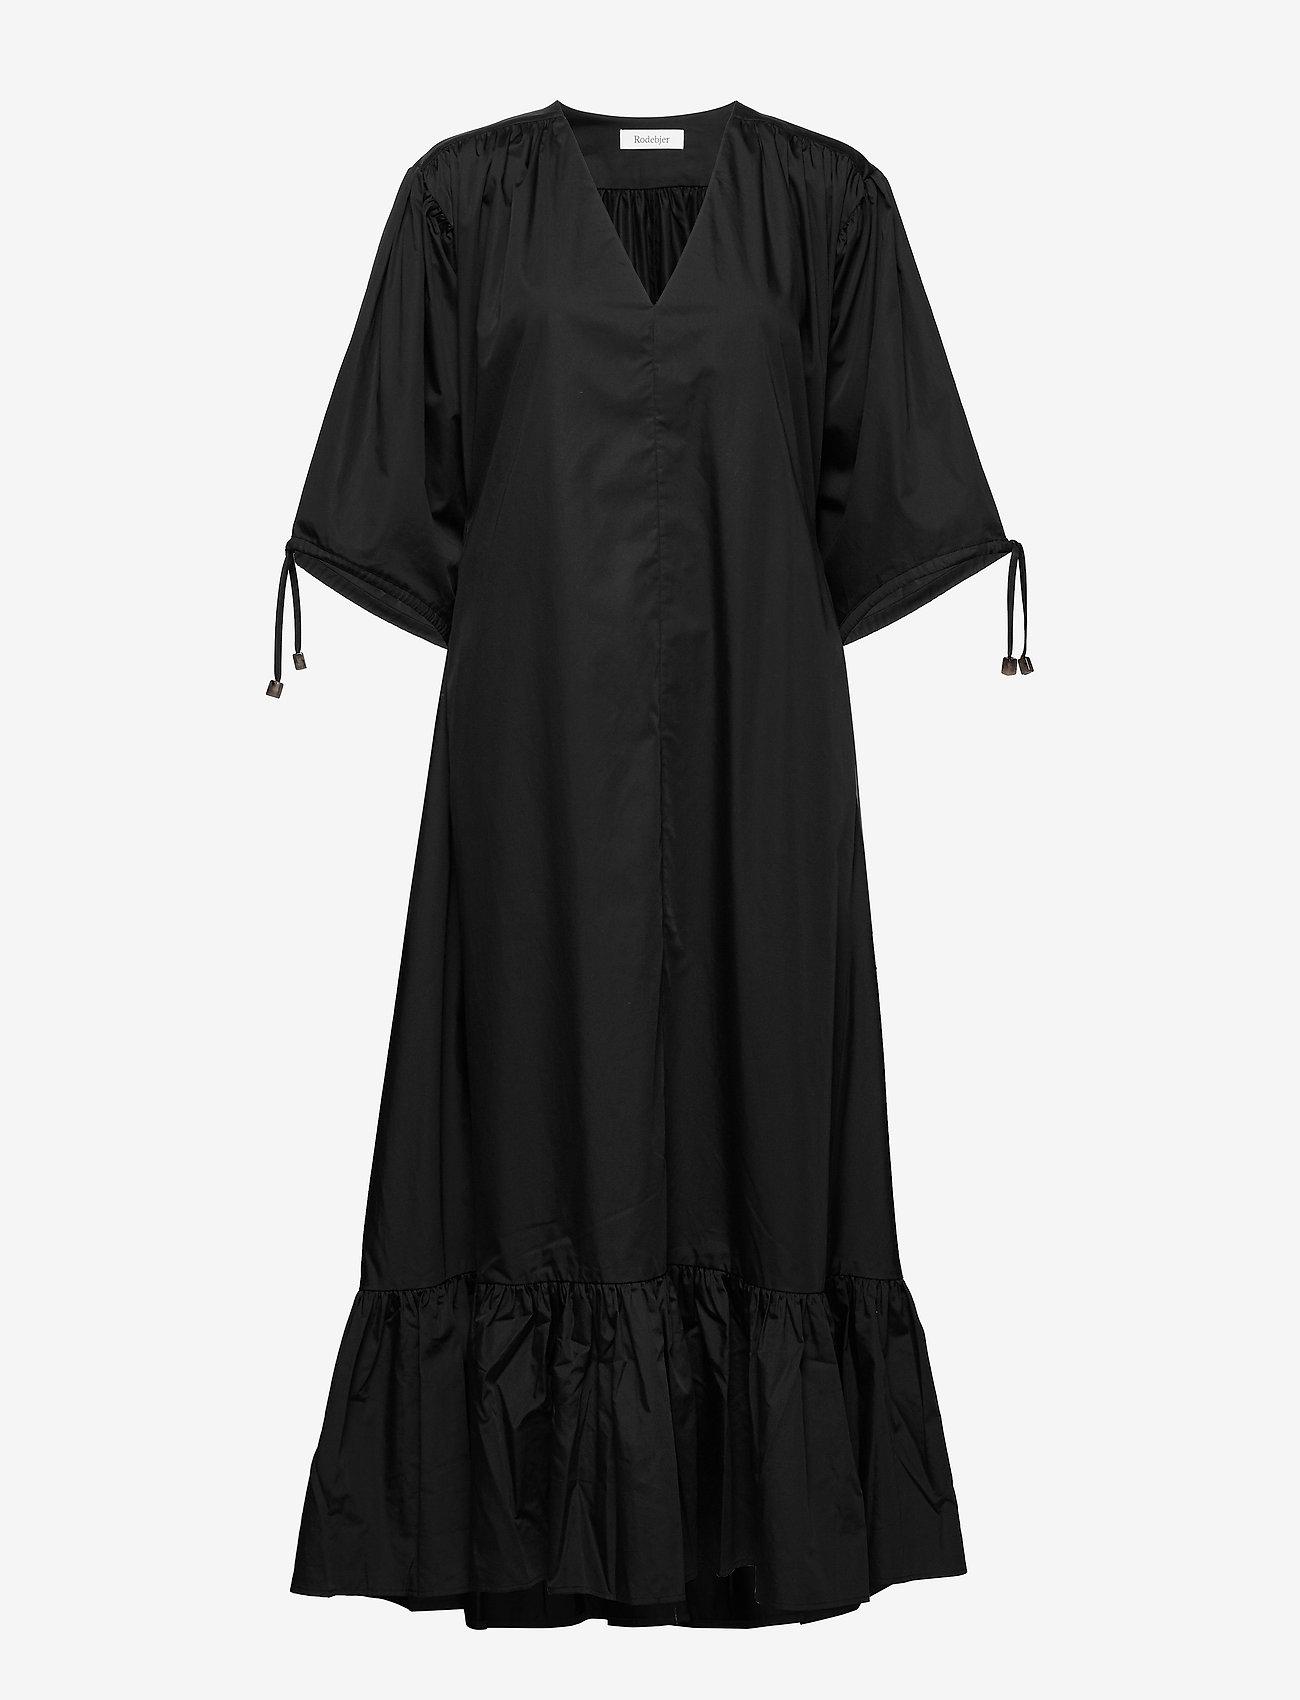 RODEBJER - RODEBJER DAKOTA - summer dresses - black - 4